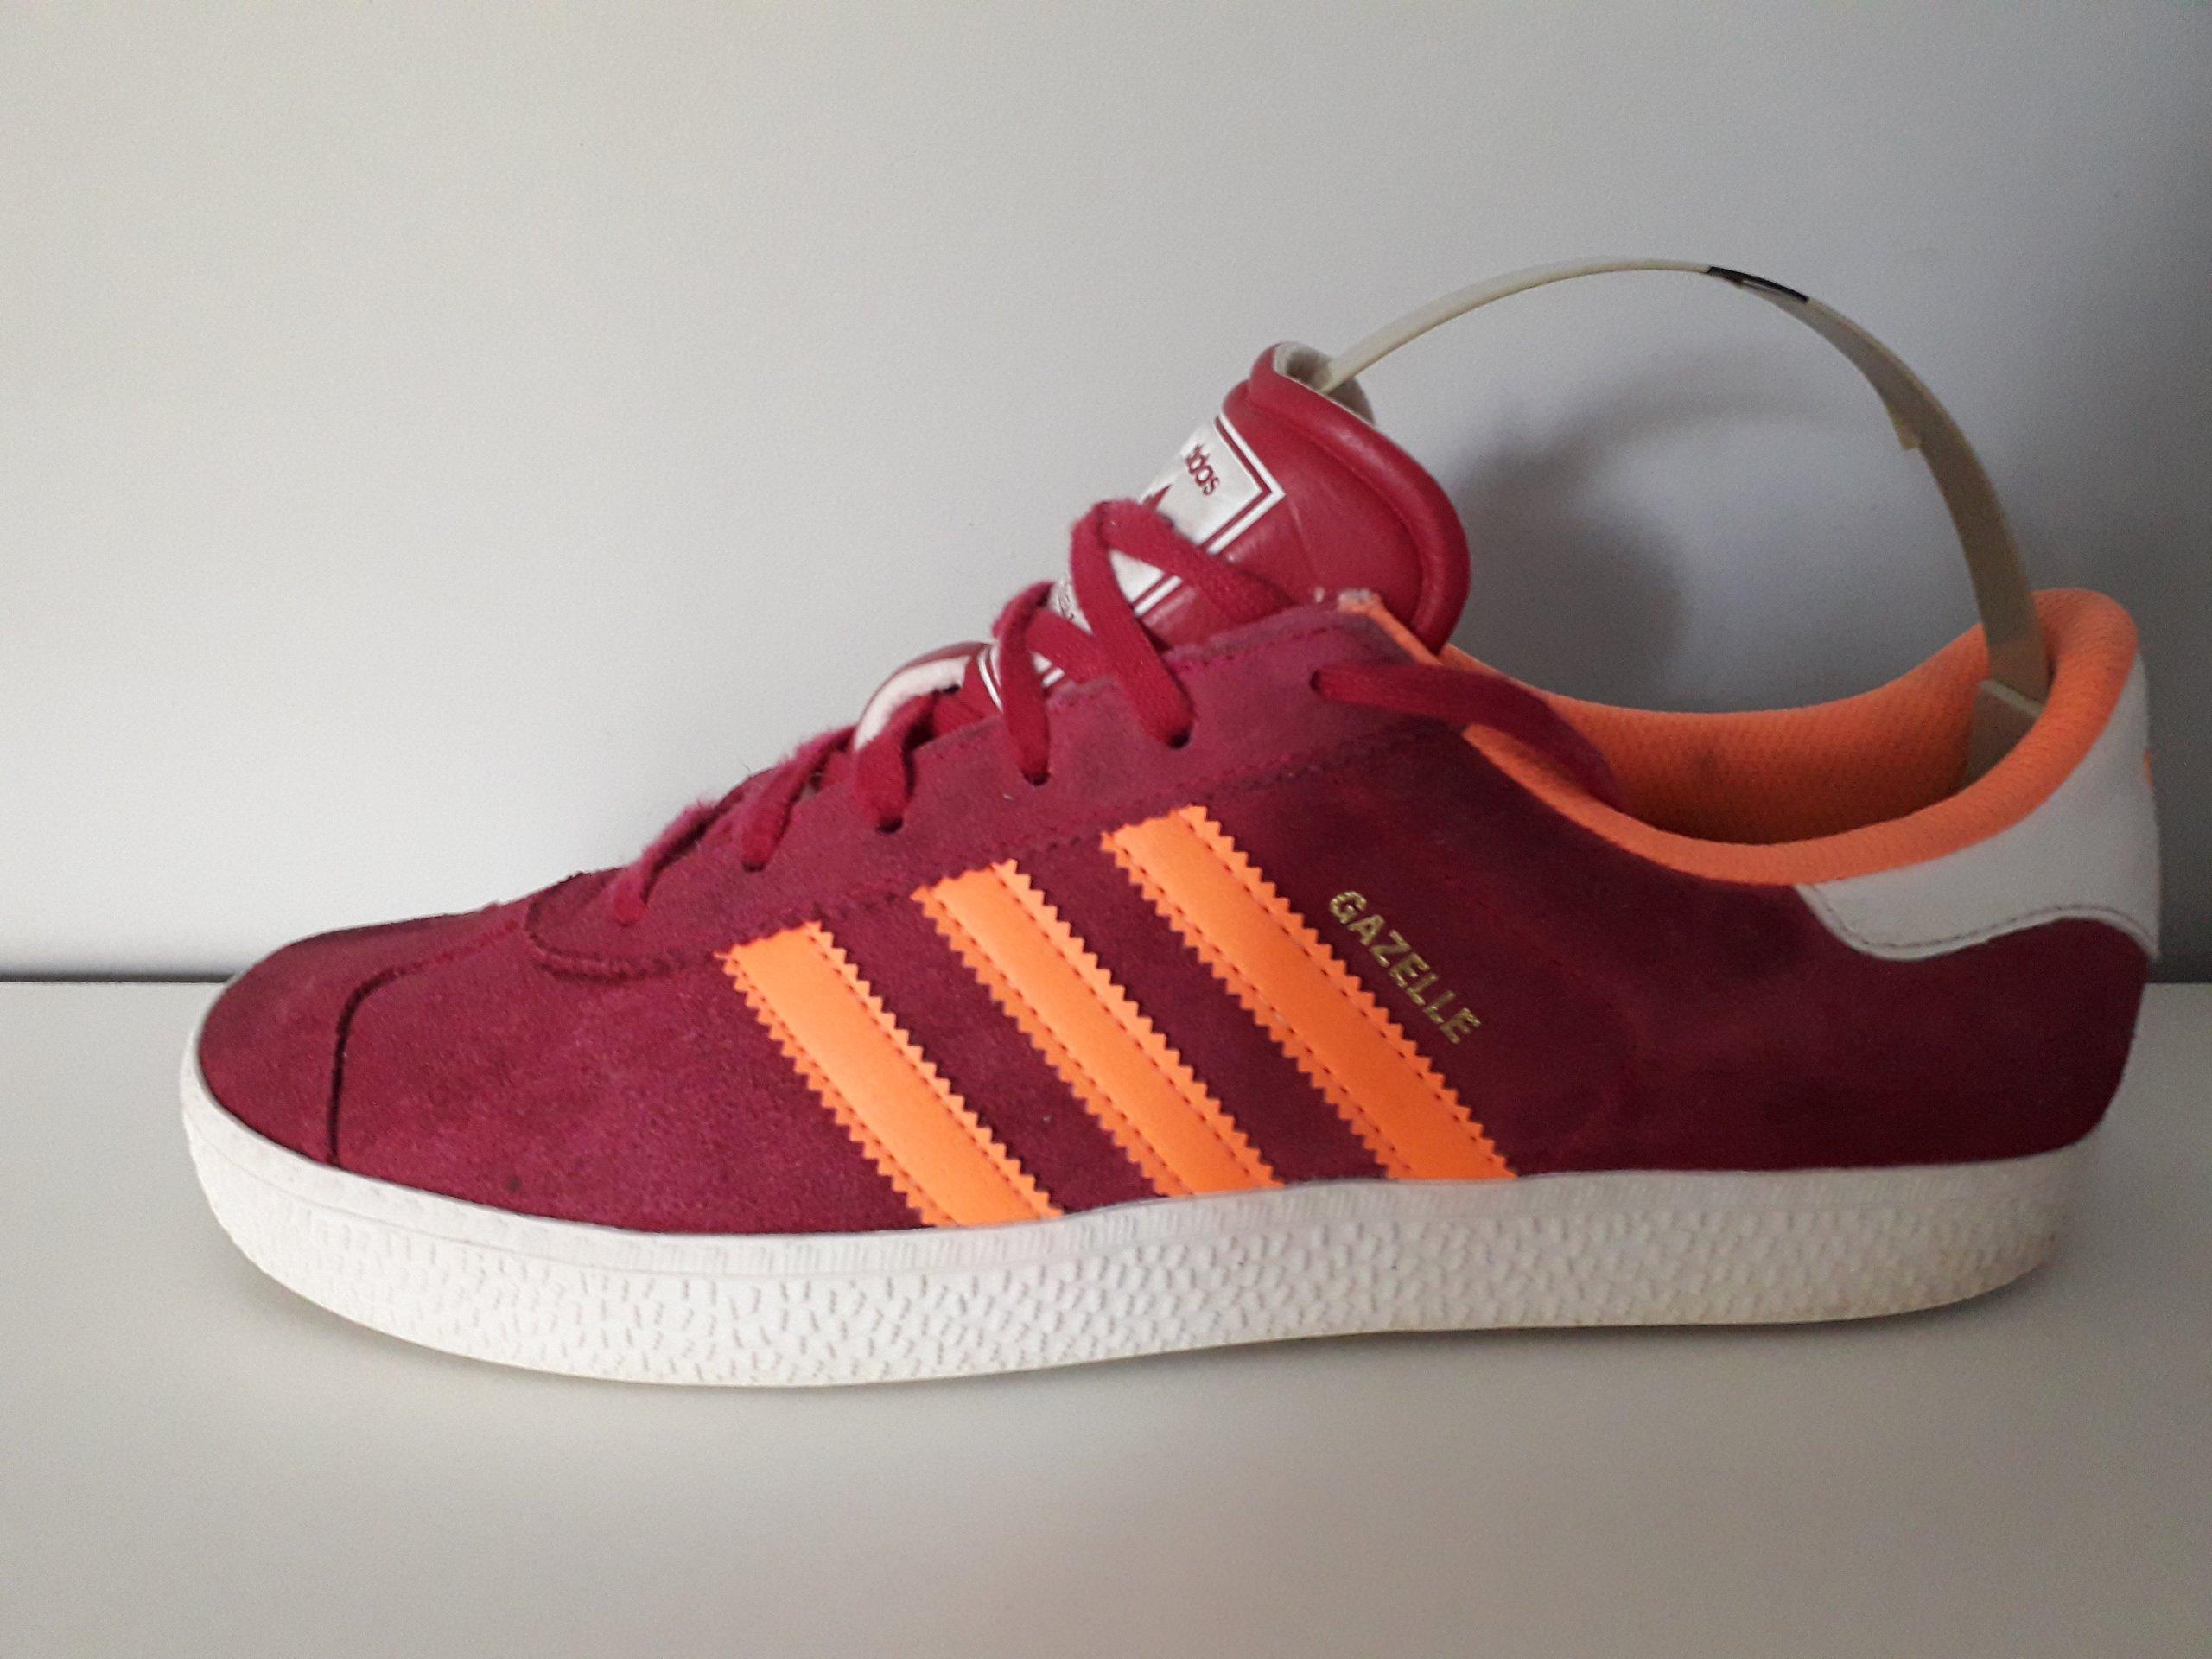 Buty Damskie Adidas Gazelle 2 J S74758 Czerwone 40